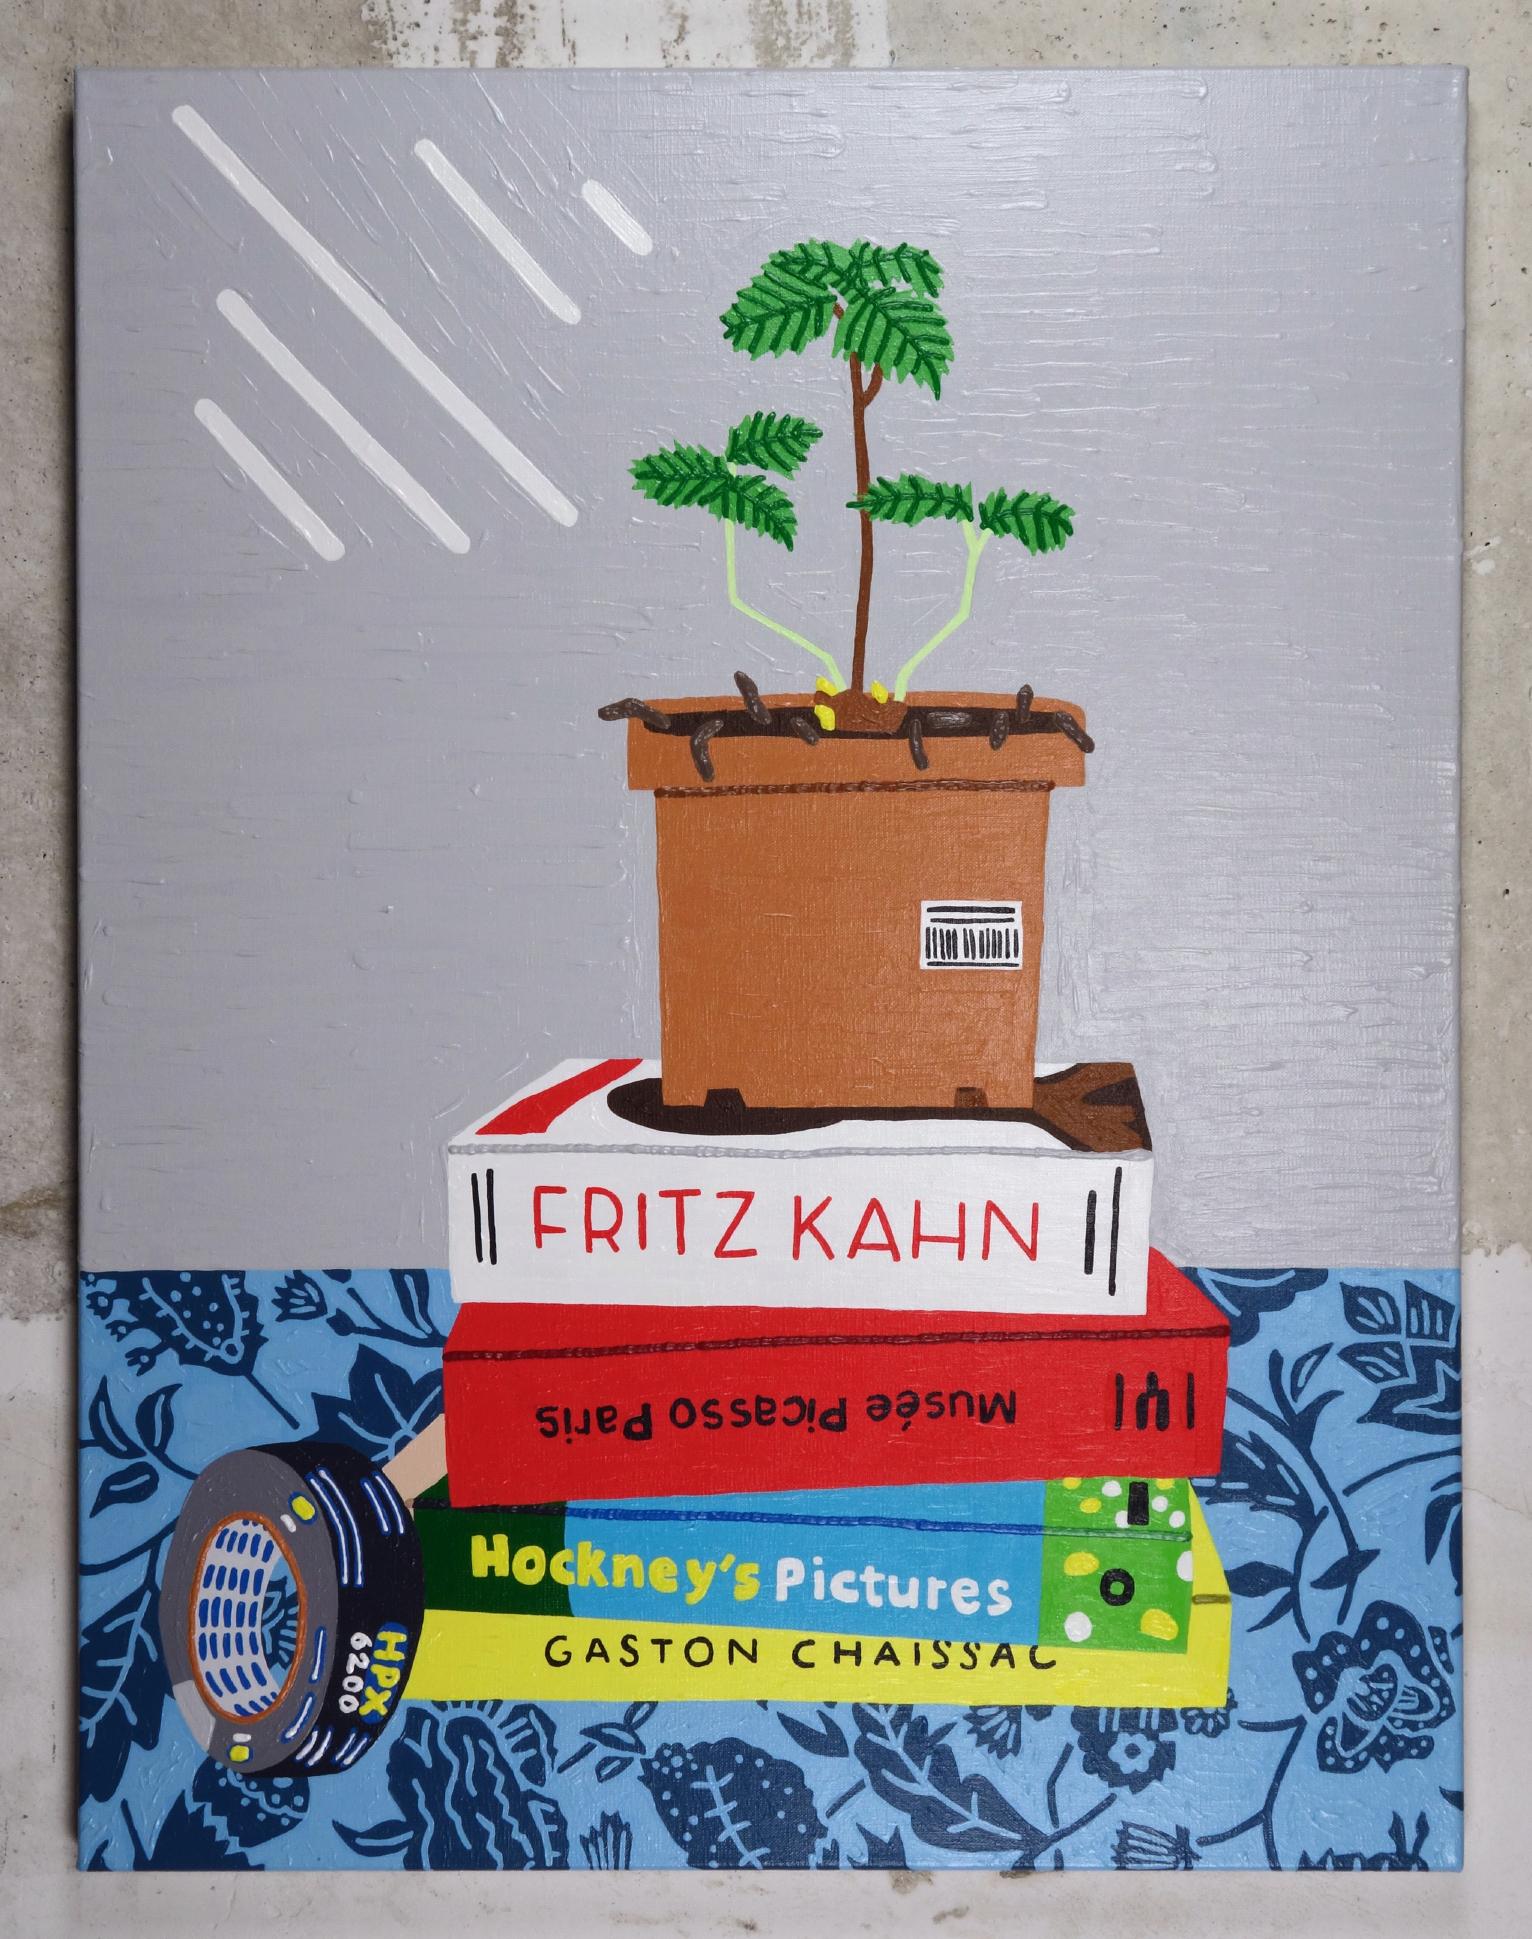 Pousse de fraisier, livres et ruban adhésif - Acrylic on Linen - 62 x 80 cm